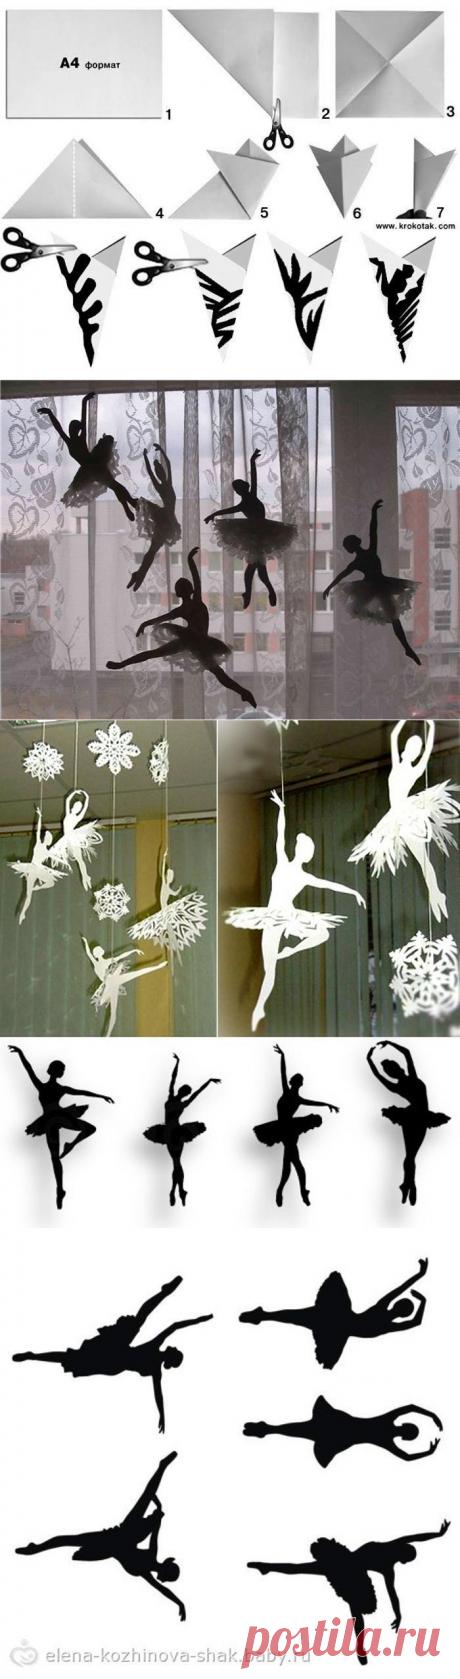 Снежинки-балеринки. Новогоднее украшение для дома, детского праздника, офиса. Трафареты — Копилочка полезных советов